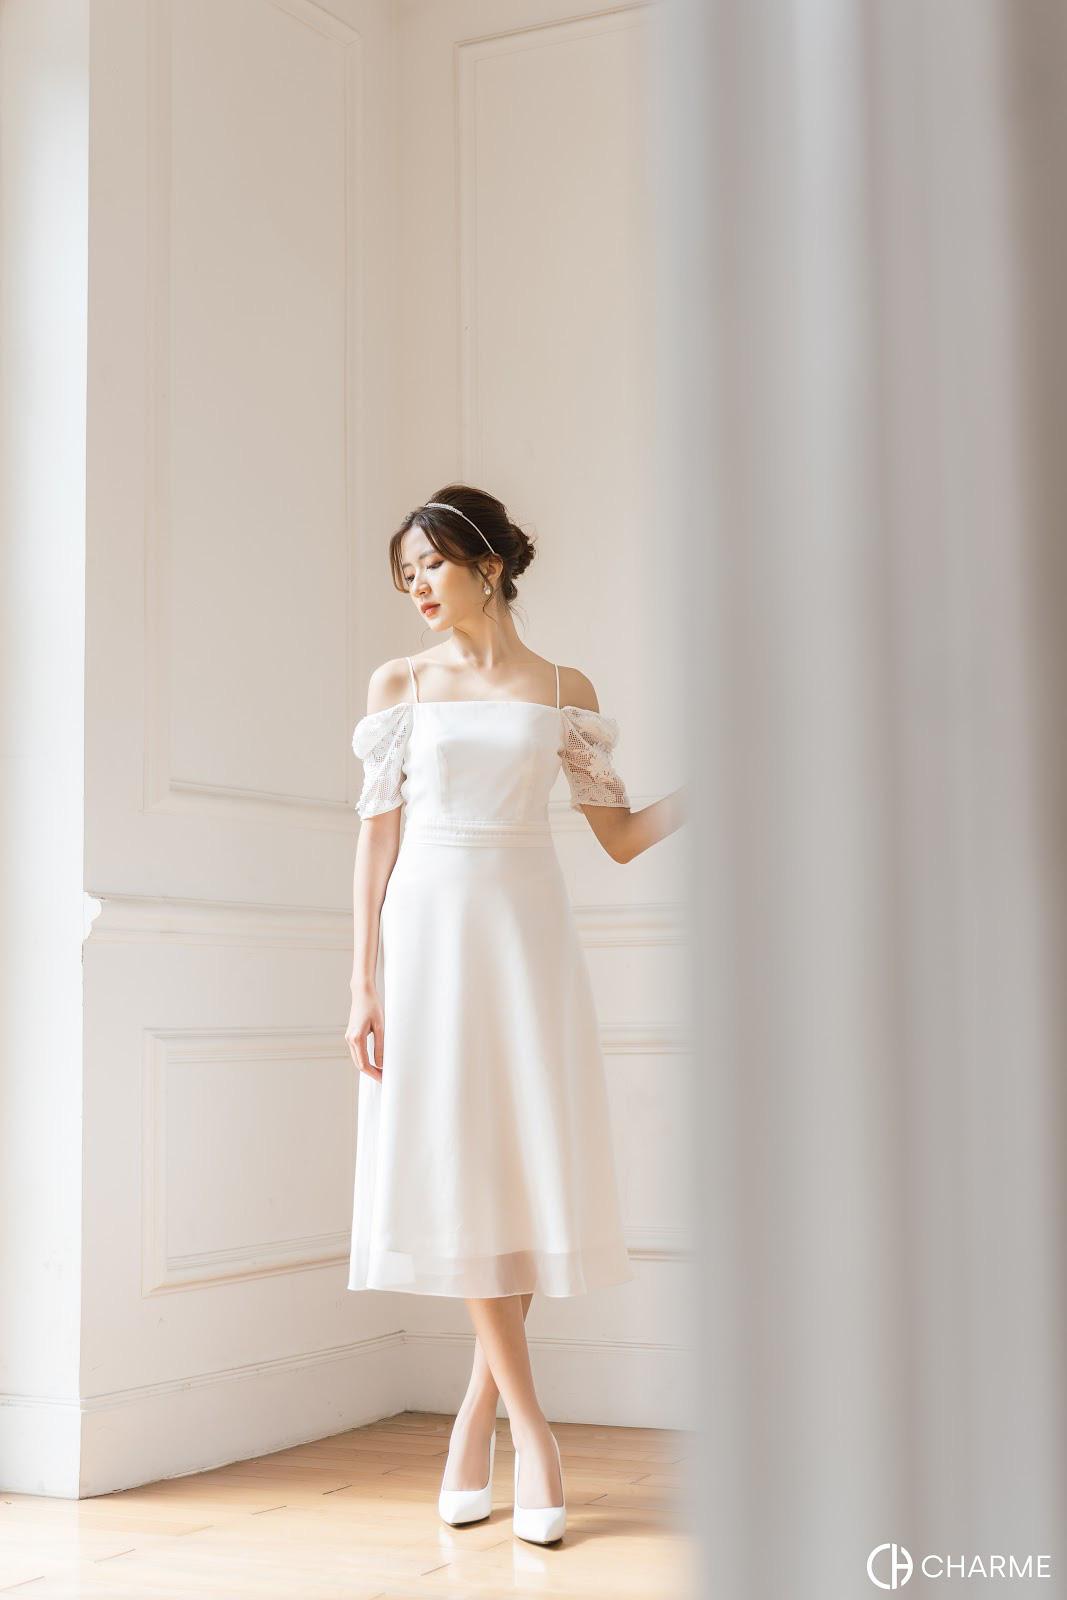 Charme Store - Thương hiệu váy công chúa làm điên đảo giới trẻ Hà thành - Ảnh 3.